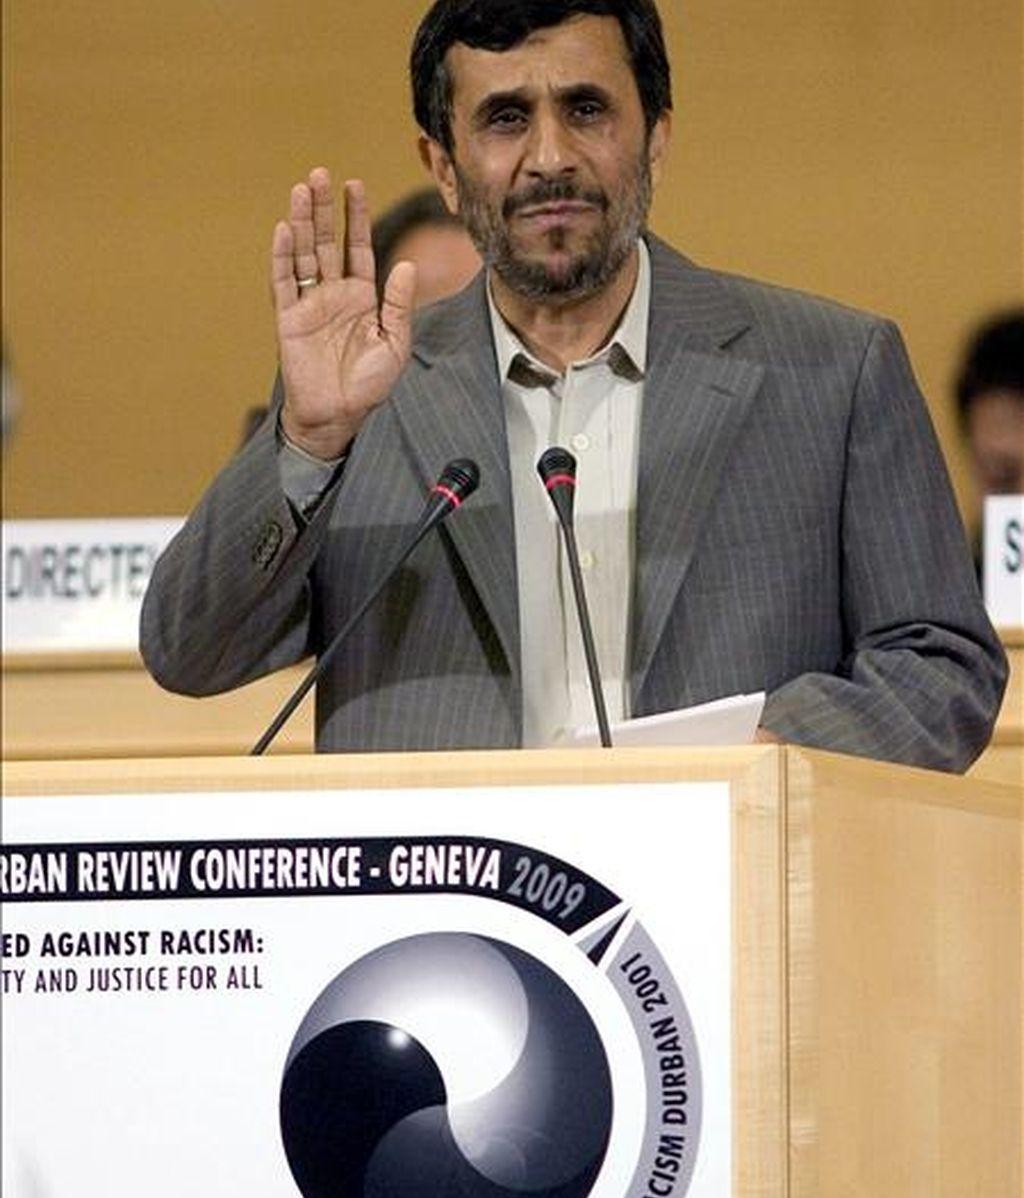 El presidente iraní, Mahmud Ahmadineyad, durante su discurso ante la Conferencia sobre Racismo de la ONU. EFE